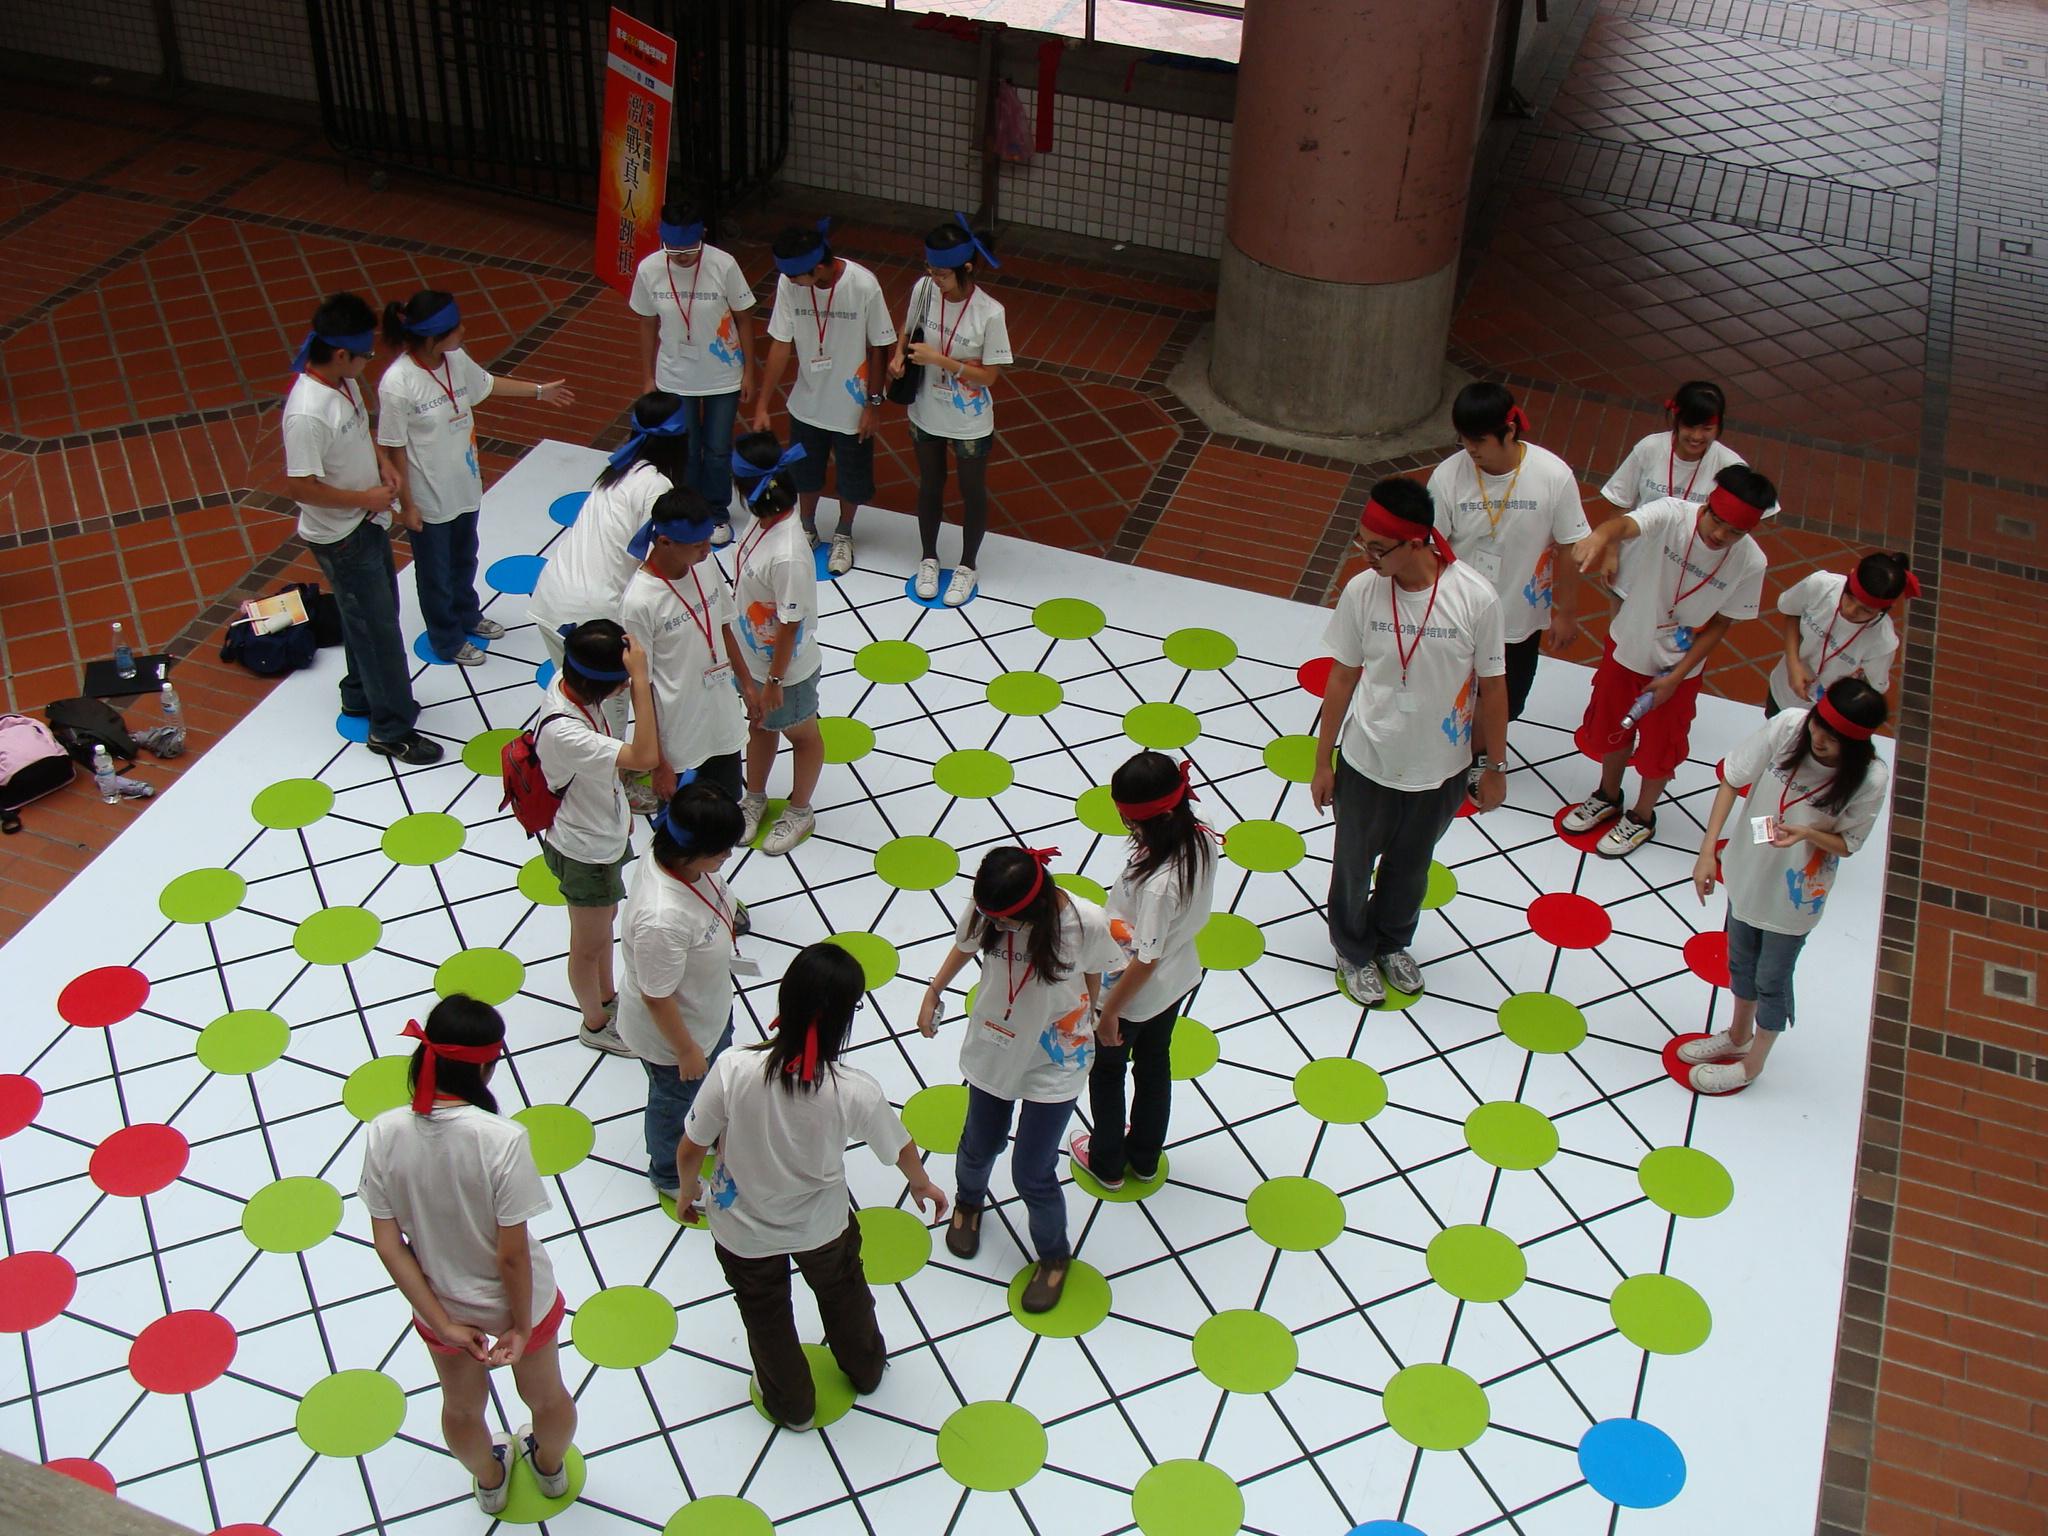 中原大學舉辦「決戰CEO」營隊 表現優異者將擔任國際志工見習生